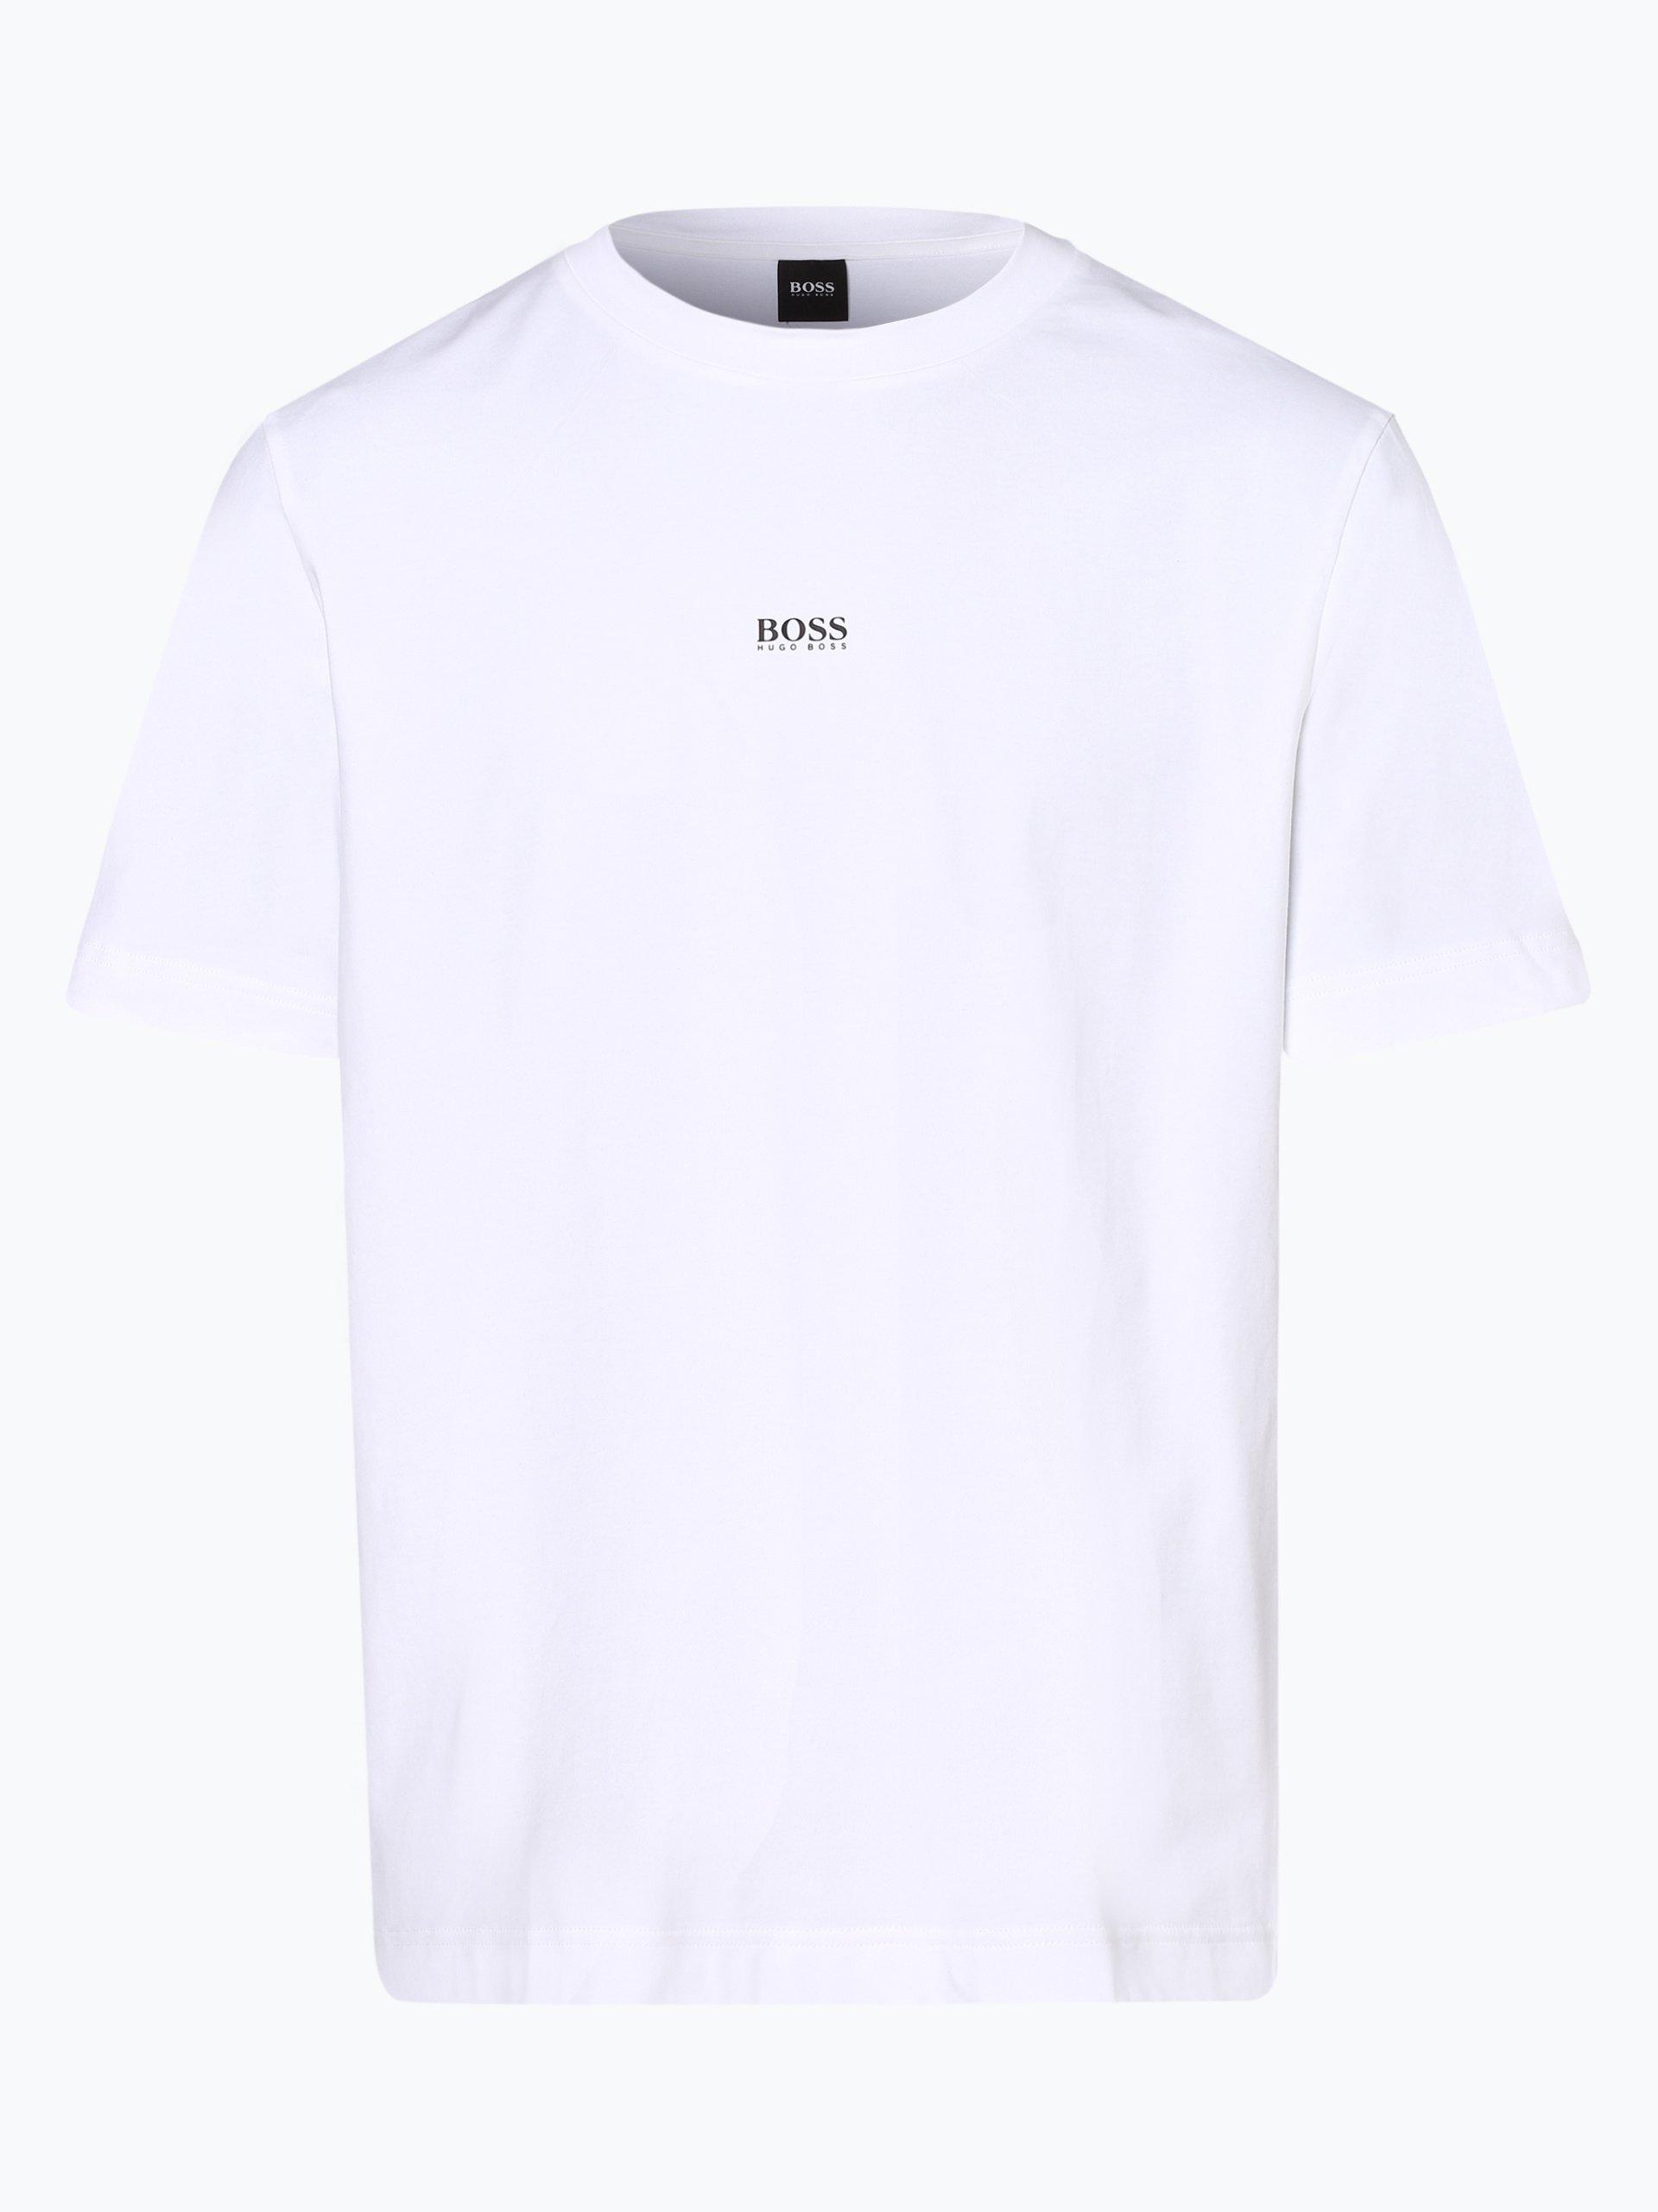 BOSS Casual Herren T-Shirt - TChup